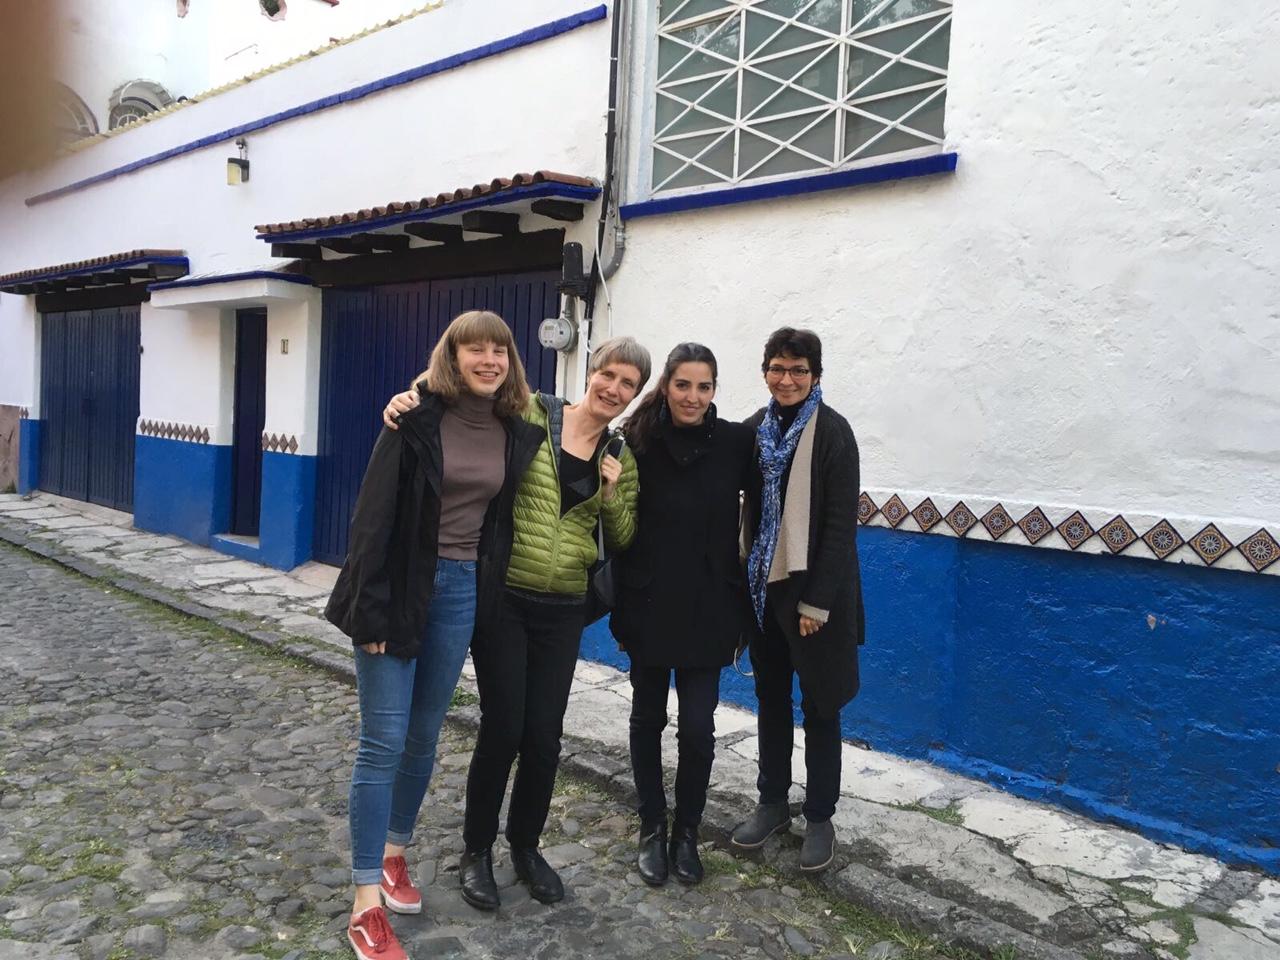 La garganta, el grito y la voz. Ute Wassermann, Cinthya García Leyva, Susana González Aktories